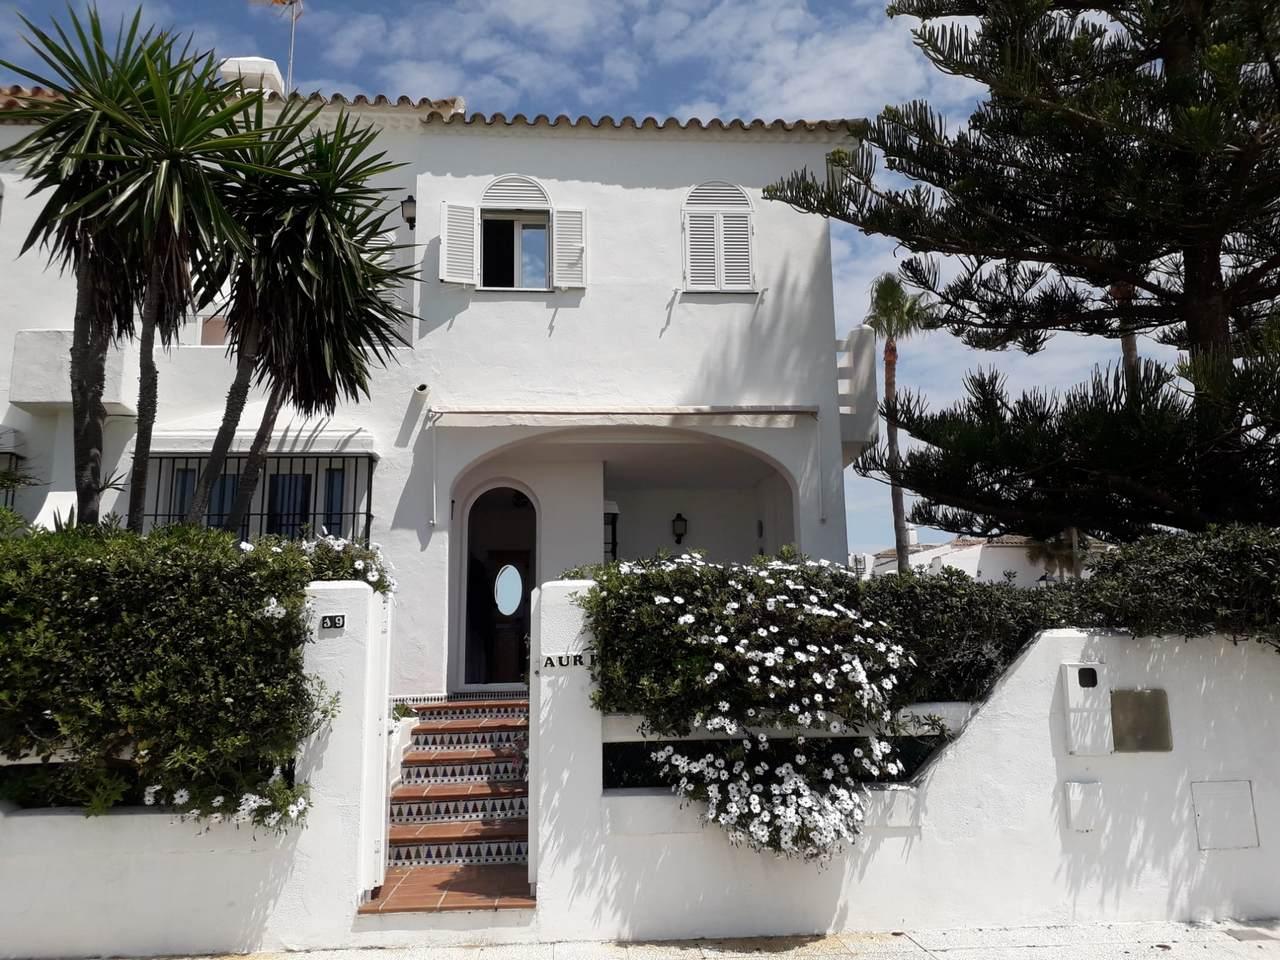 Alquiler de Chalet en primera línea de playa La Barrosa, Complejo Atlántico, Chiclana de la Frontera, Cádiz, ref.: a106